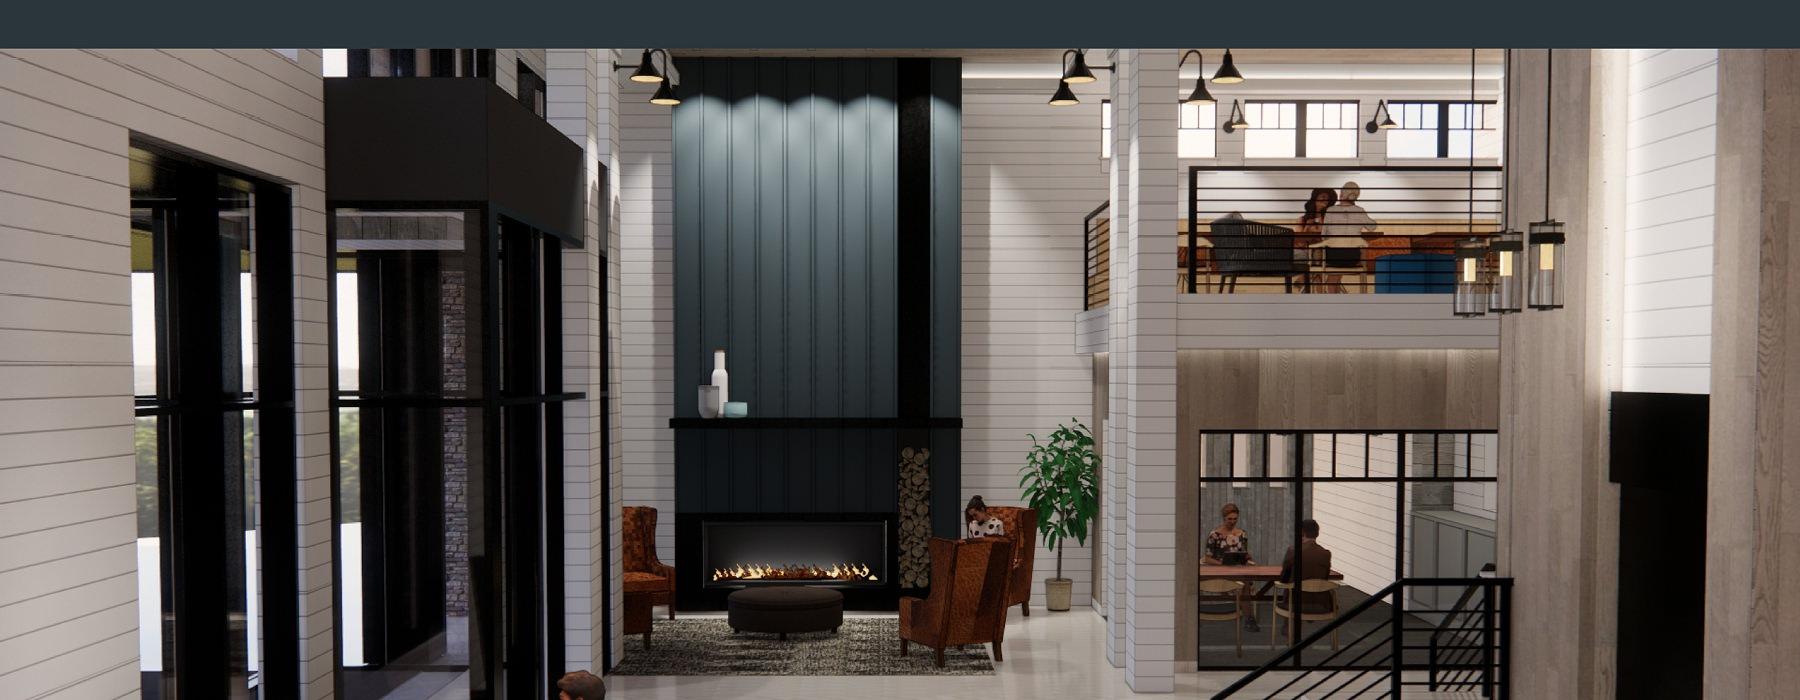 fireside seating in large mezzanine